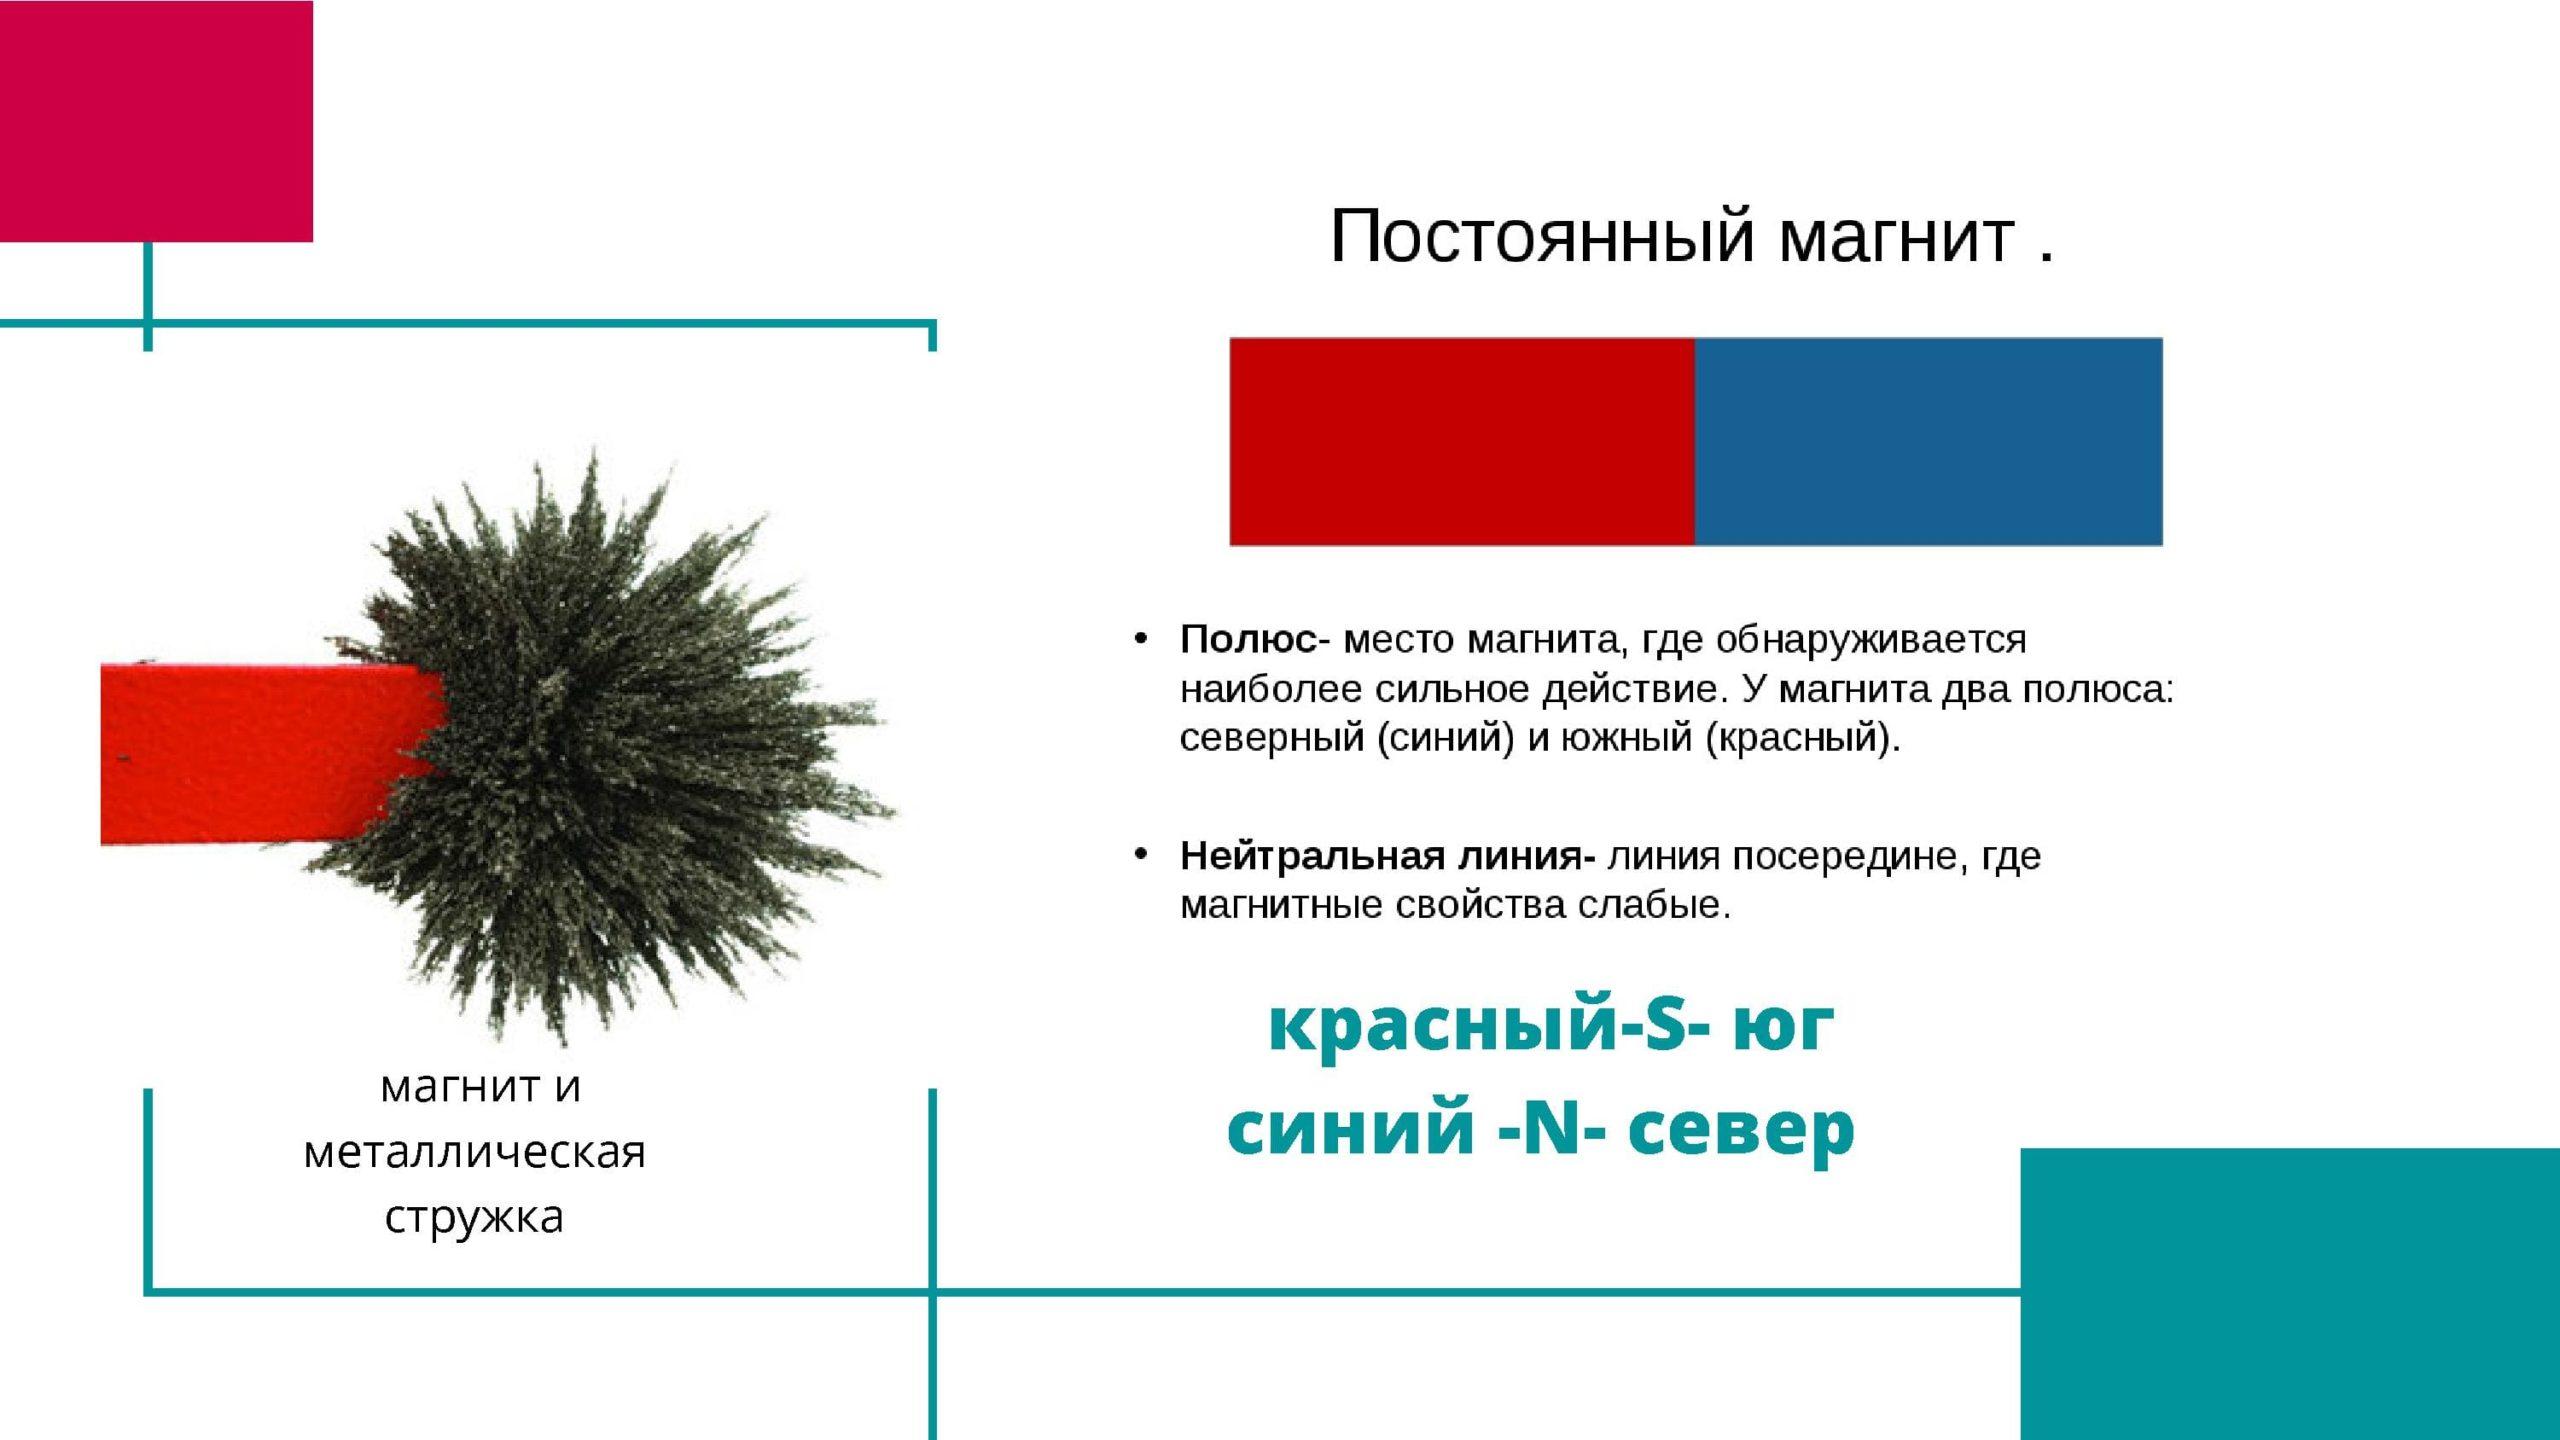 Постоянные магнит. Красный - юг, синий - север